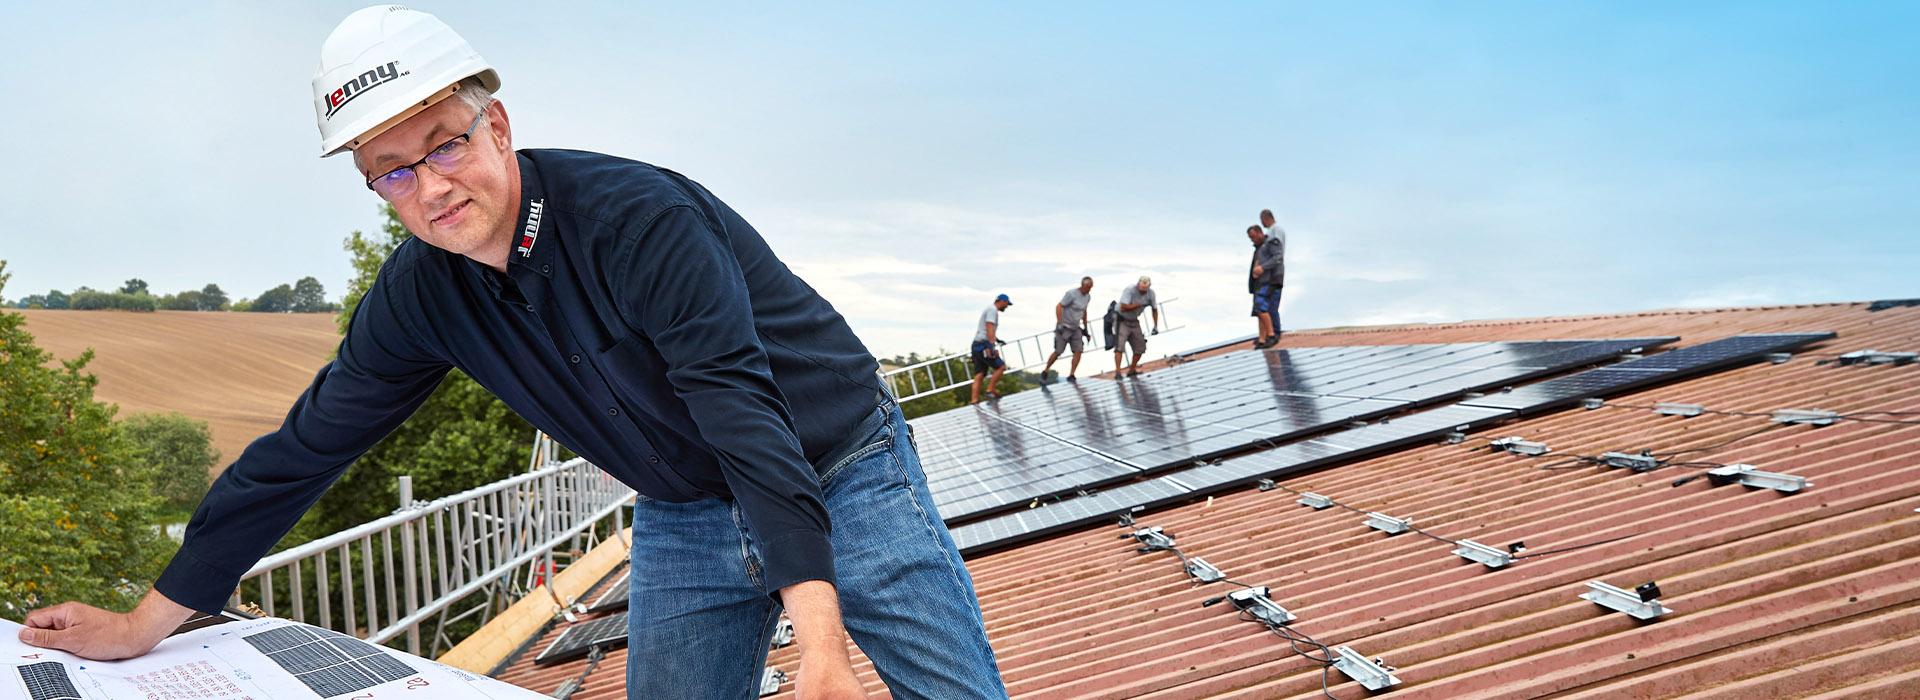 Energielösungen: Fachkräfte der Elektrotechnik arbeiten auf einem Dach und verlegen Solarplatten.